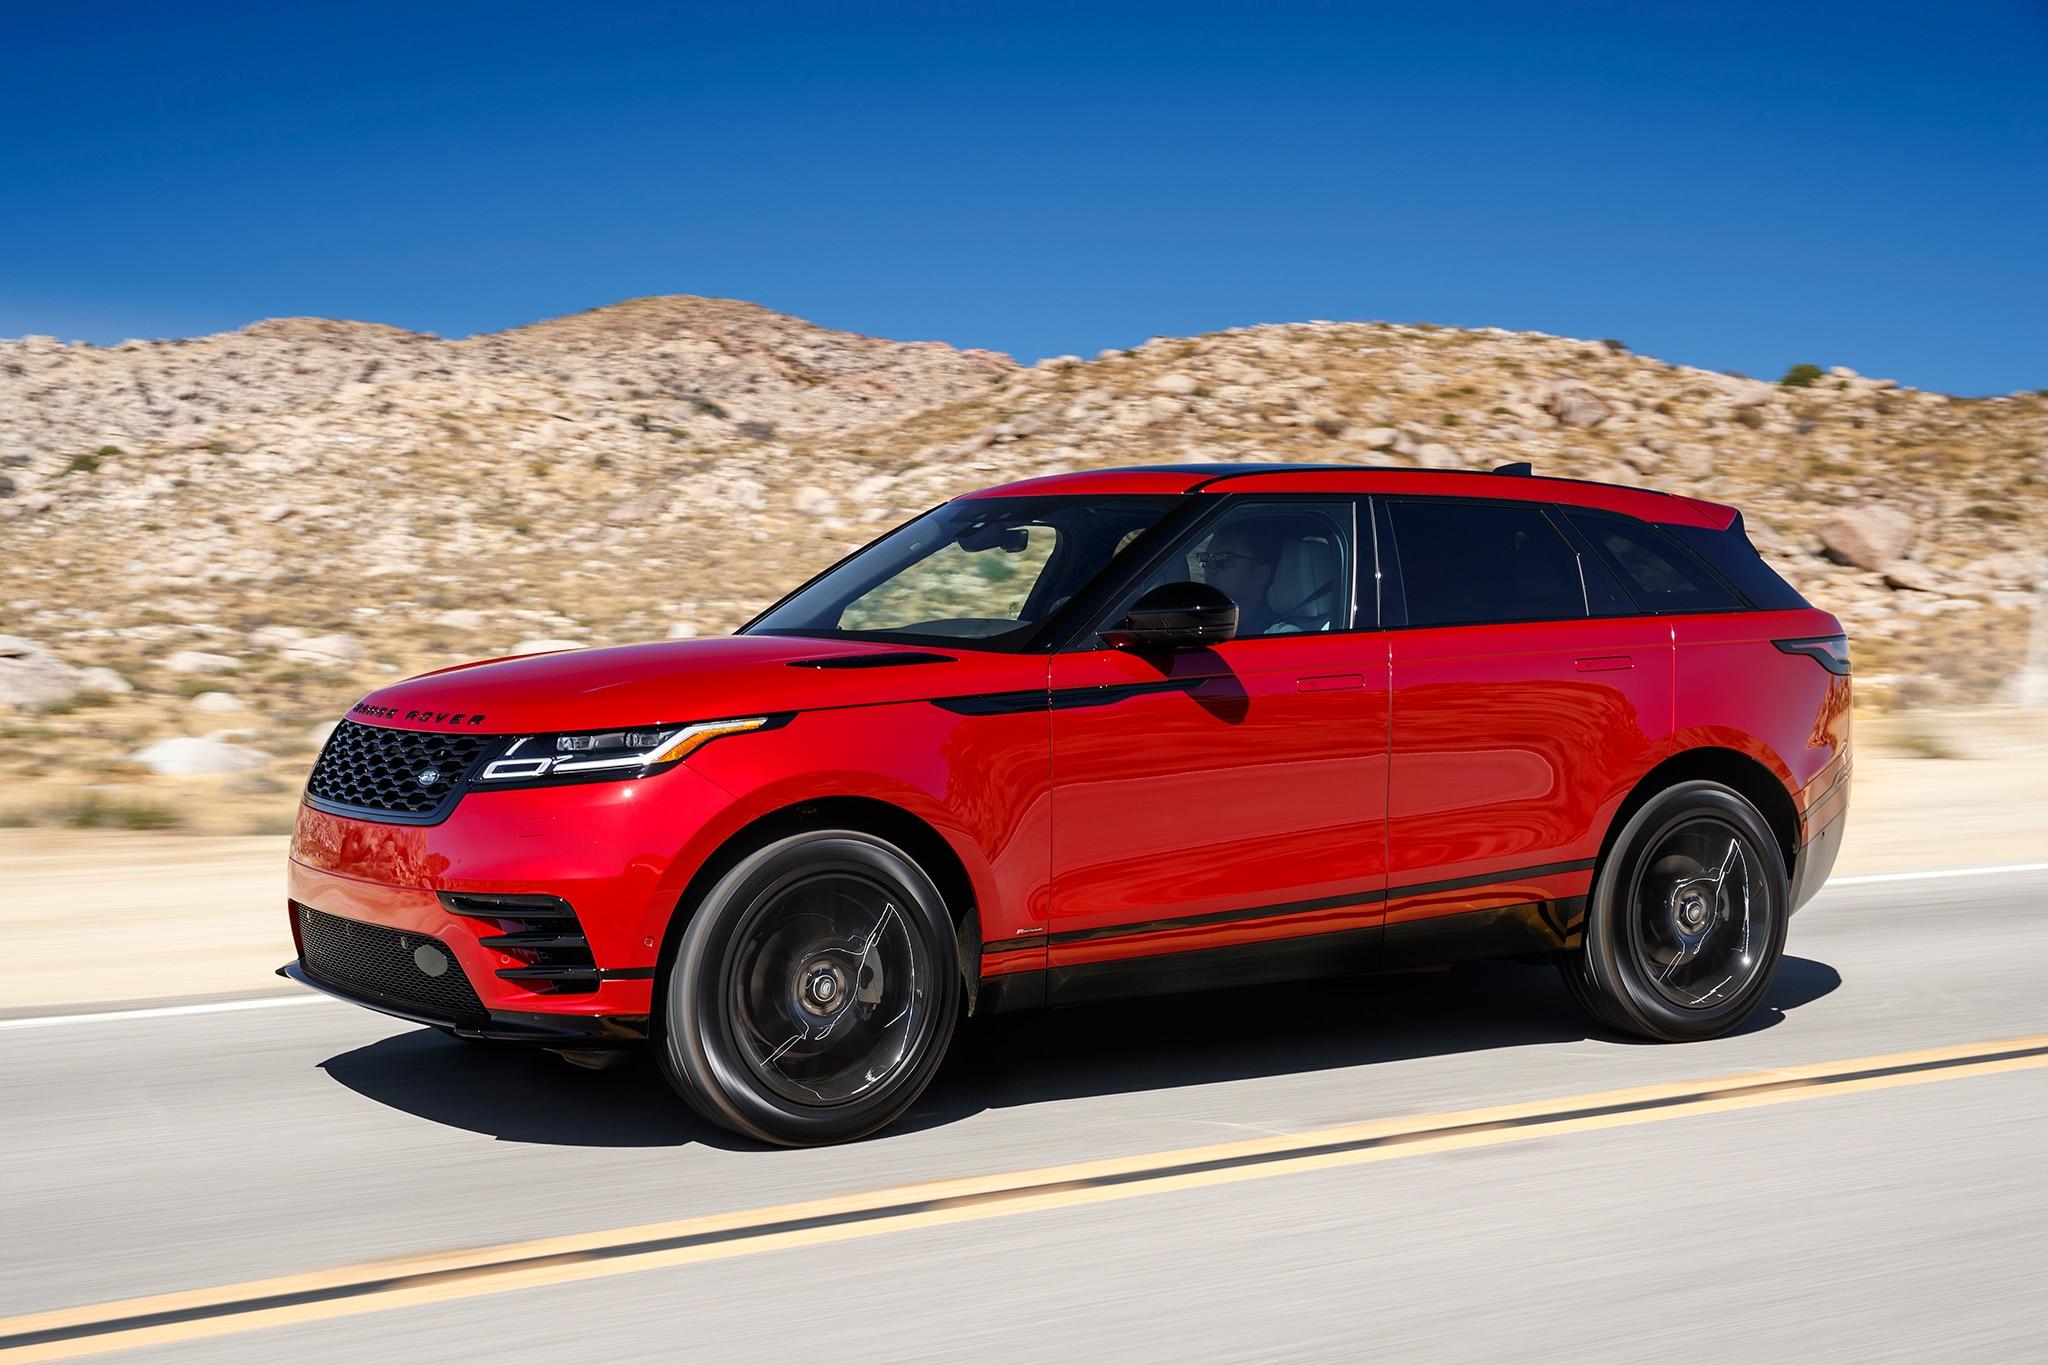 2018 Range Rover Velar Front Three Quarter In Motion 19